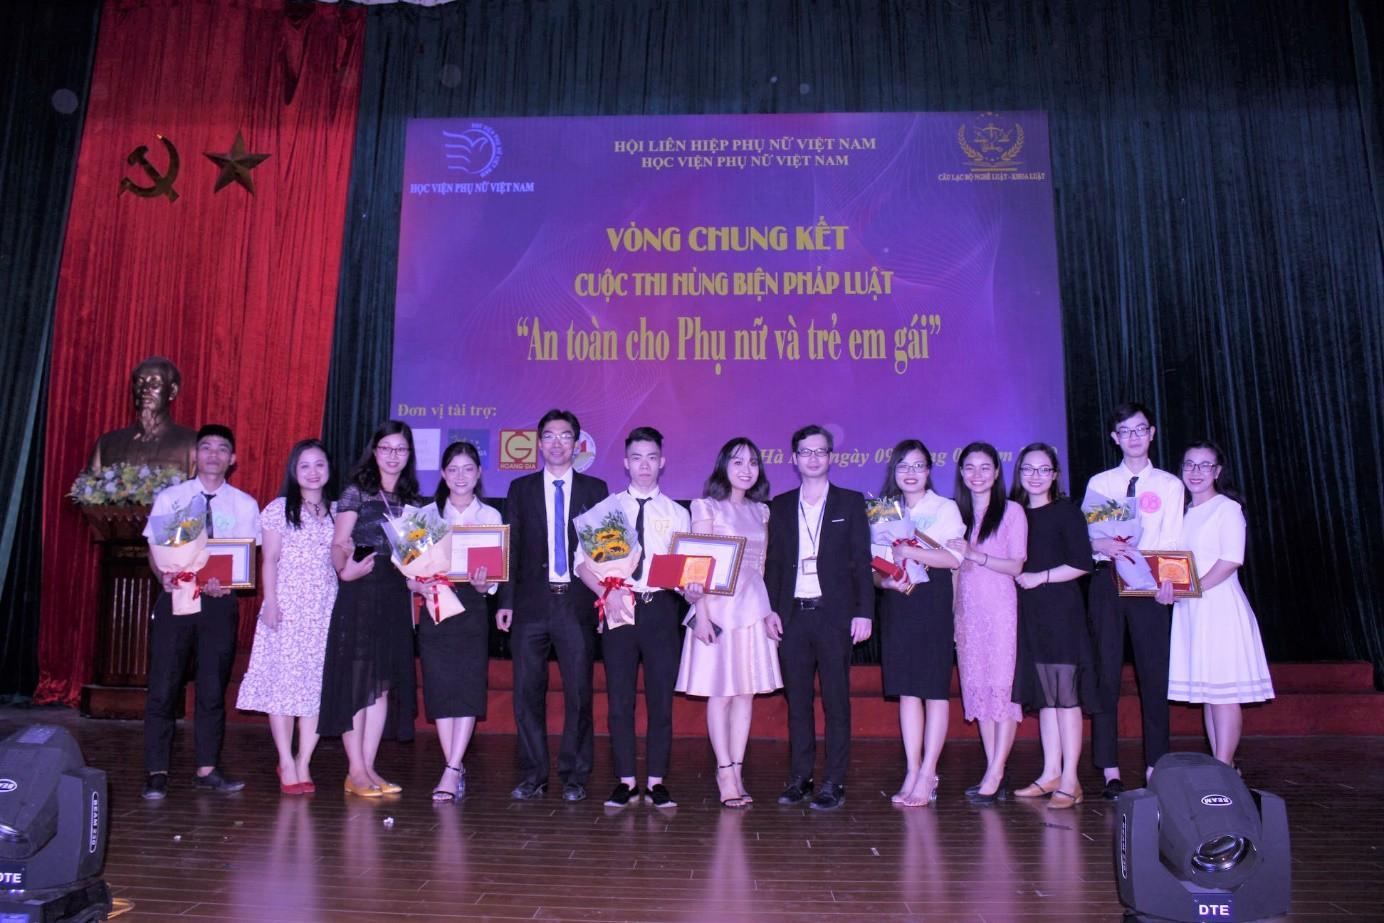 Học viện Phụ nữ Việt Nam tuyển sinh 6 ngành đào tạo Đại học năm 2019 - Ảnh 3.